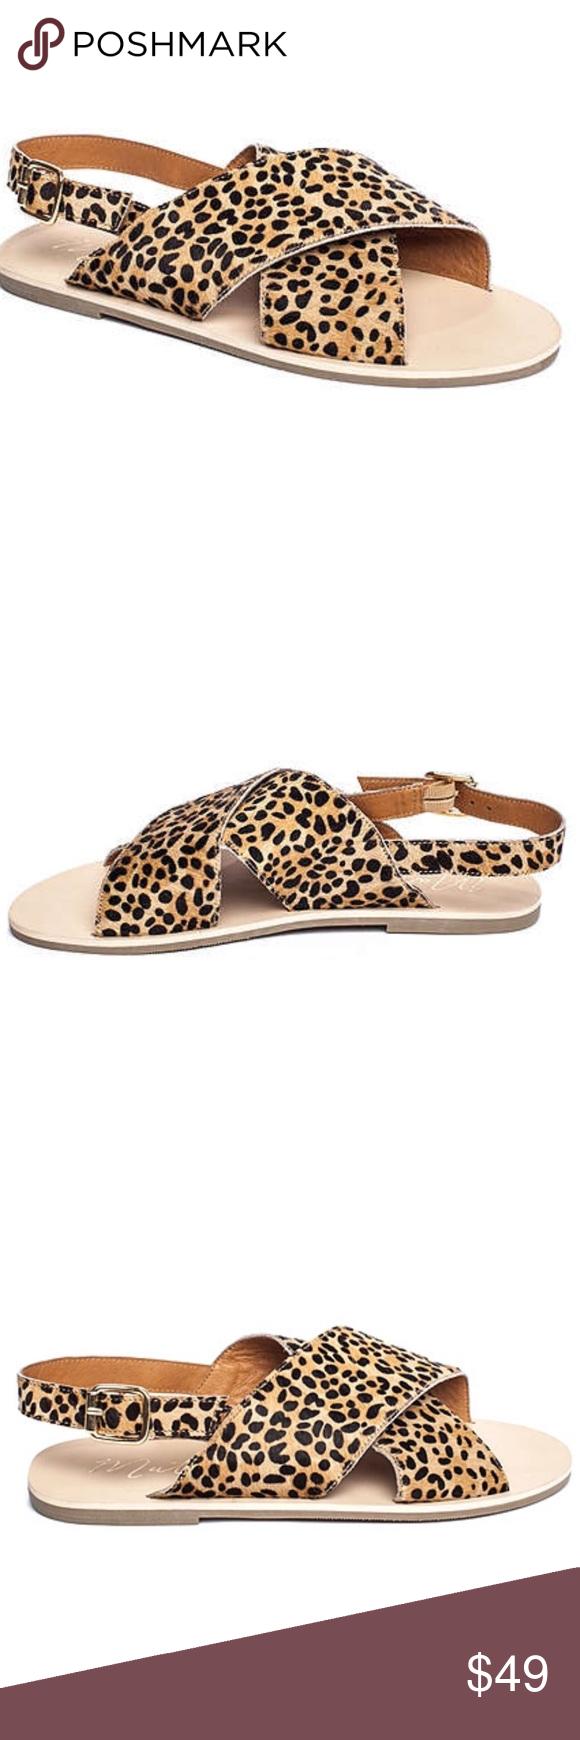 Leopard sandals, Matisse shoes, Sandals